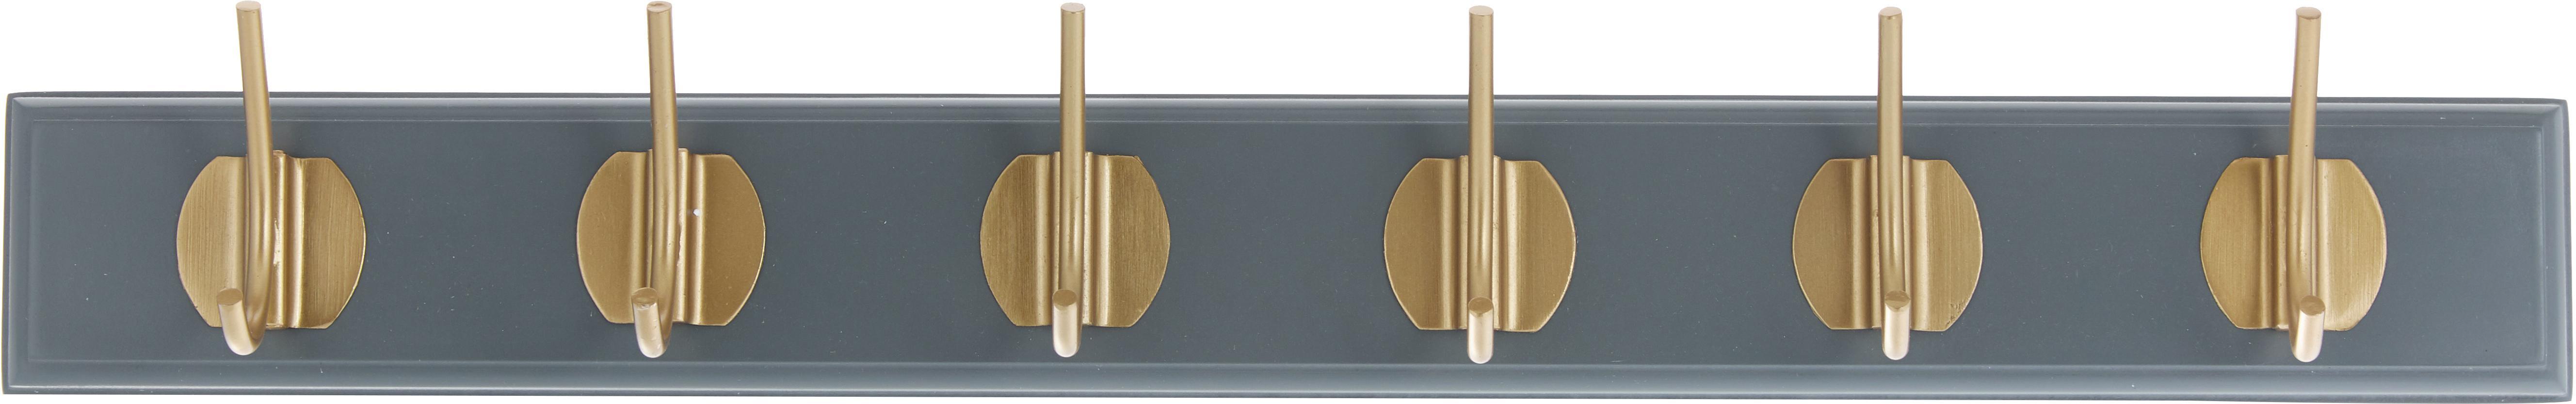 Wieszak ścienny z hakami z metalu Aoife, Szary, S 60 x W 7 cm